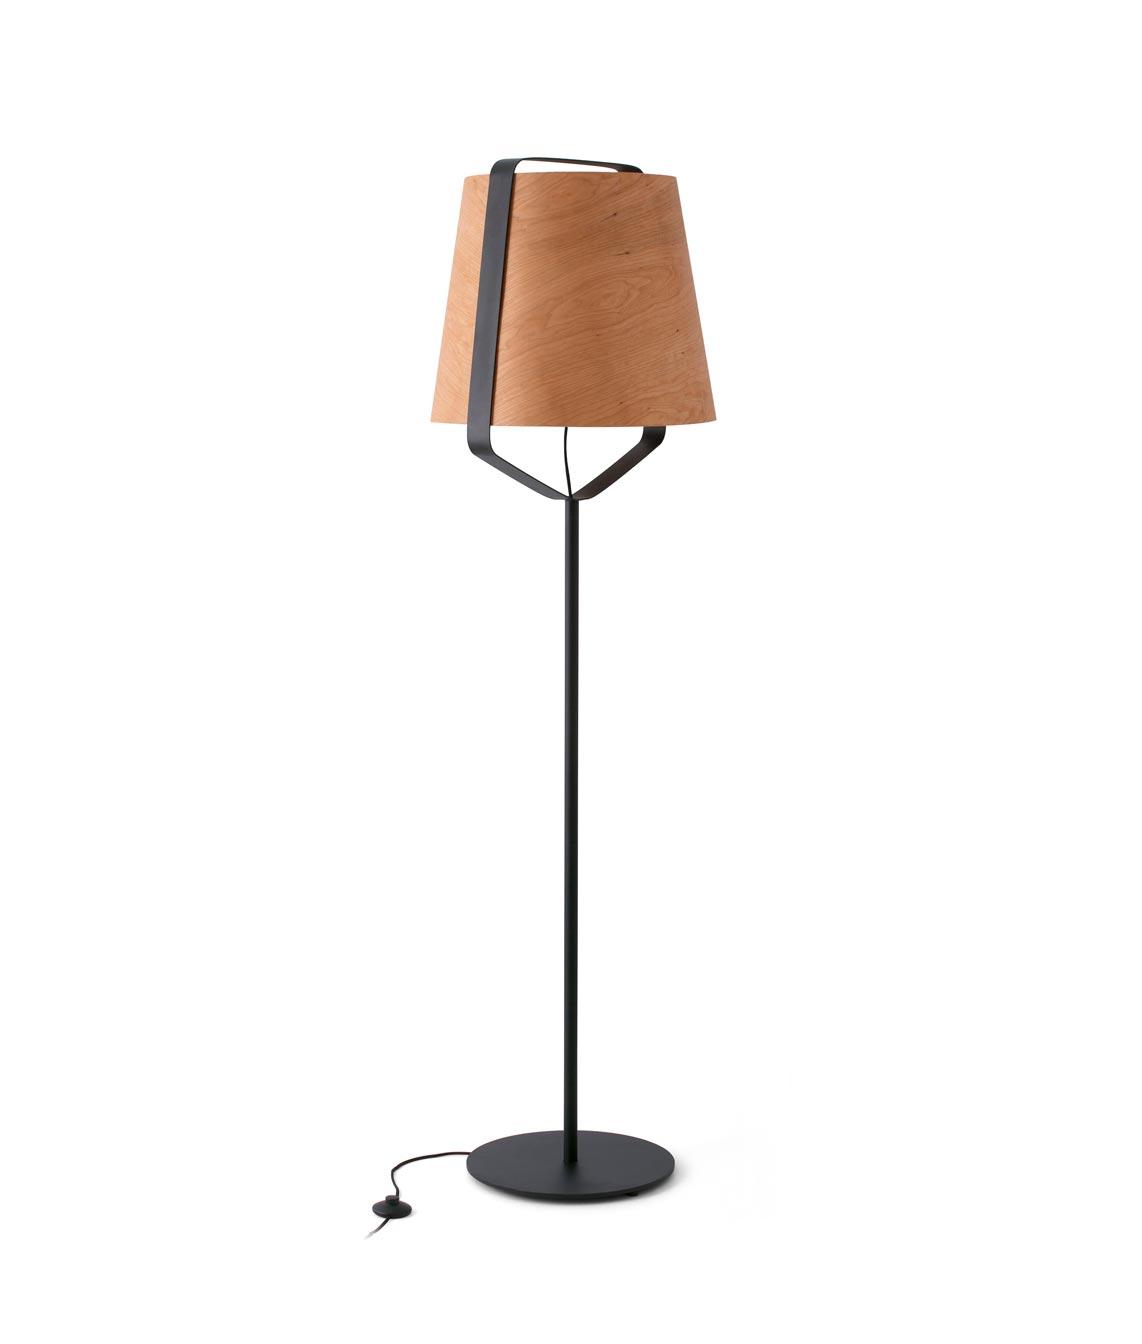 Lámpara pie de salón madera y negro STOOD